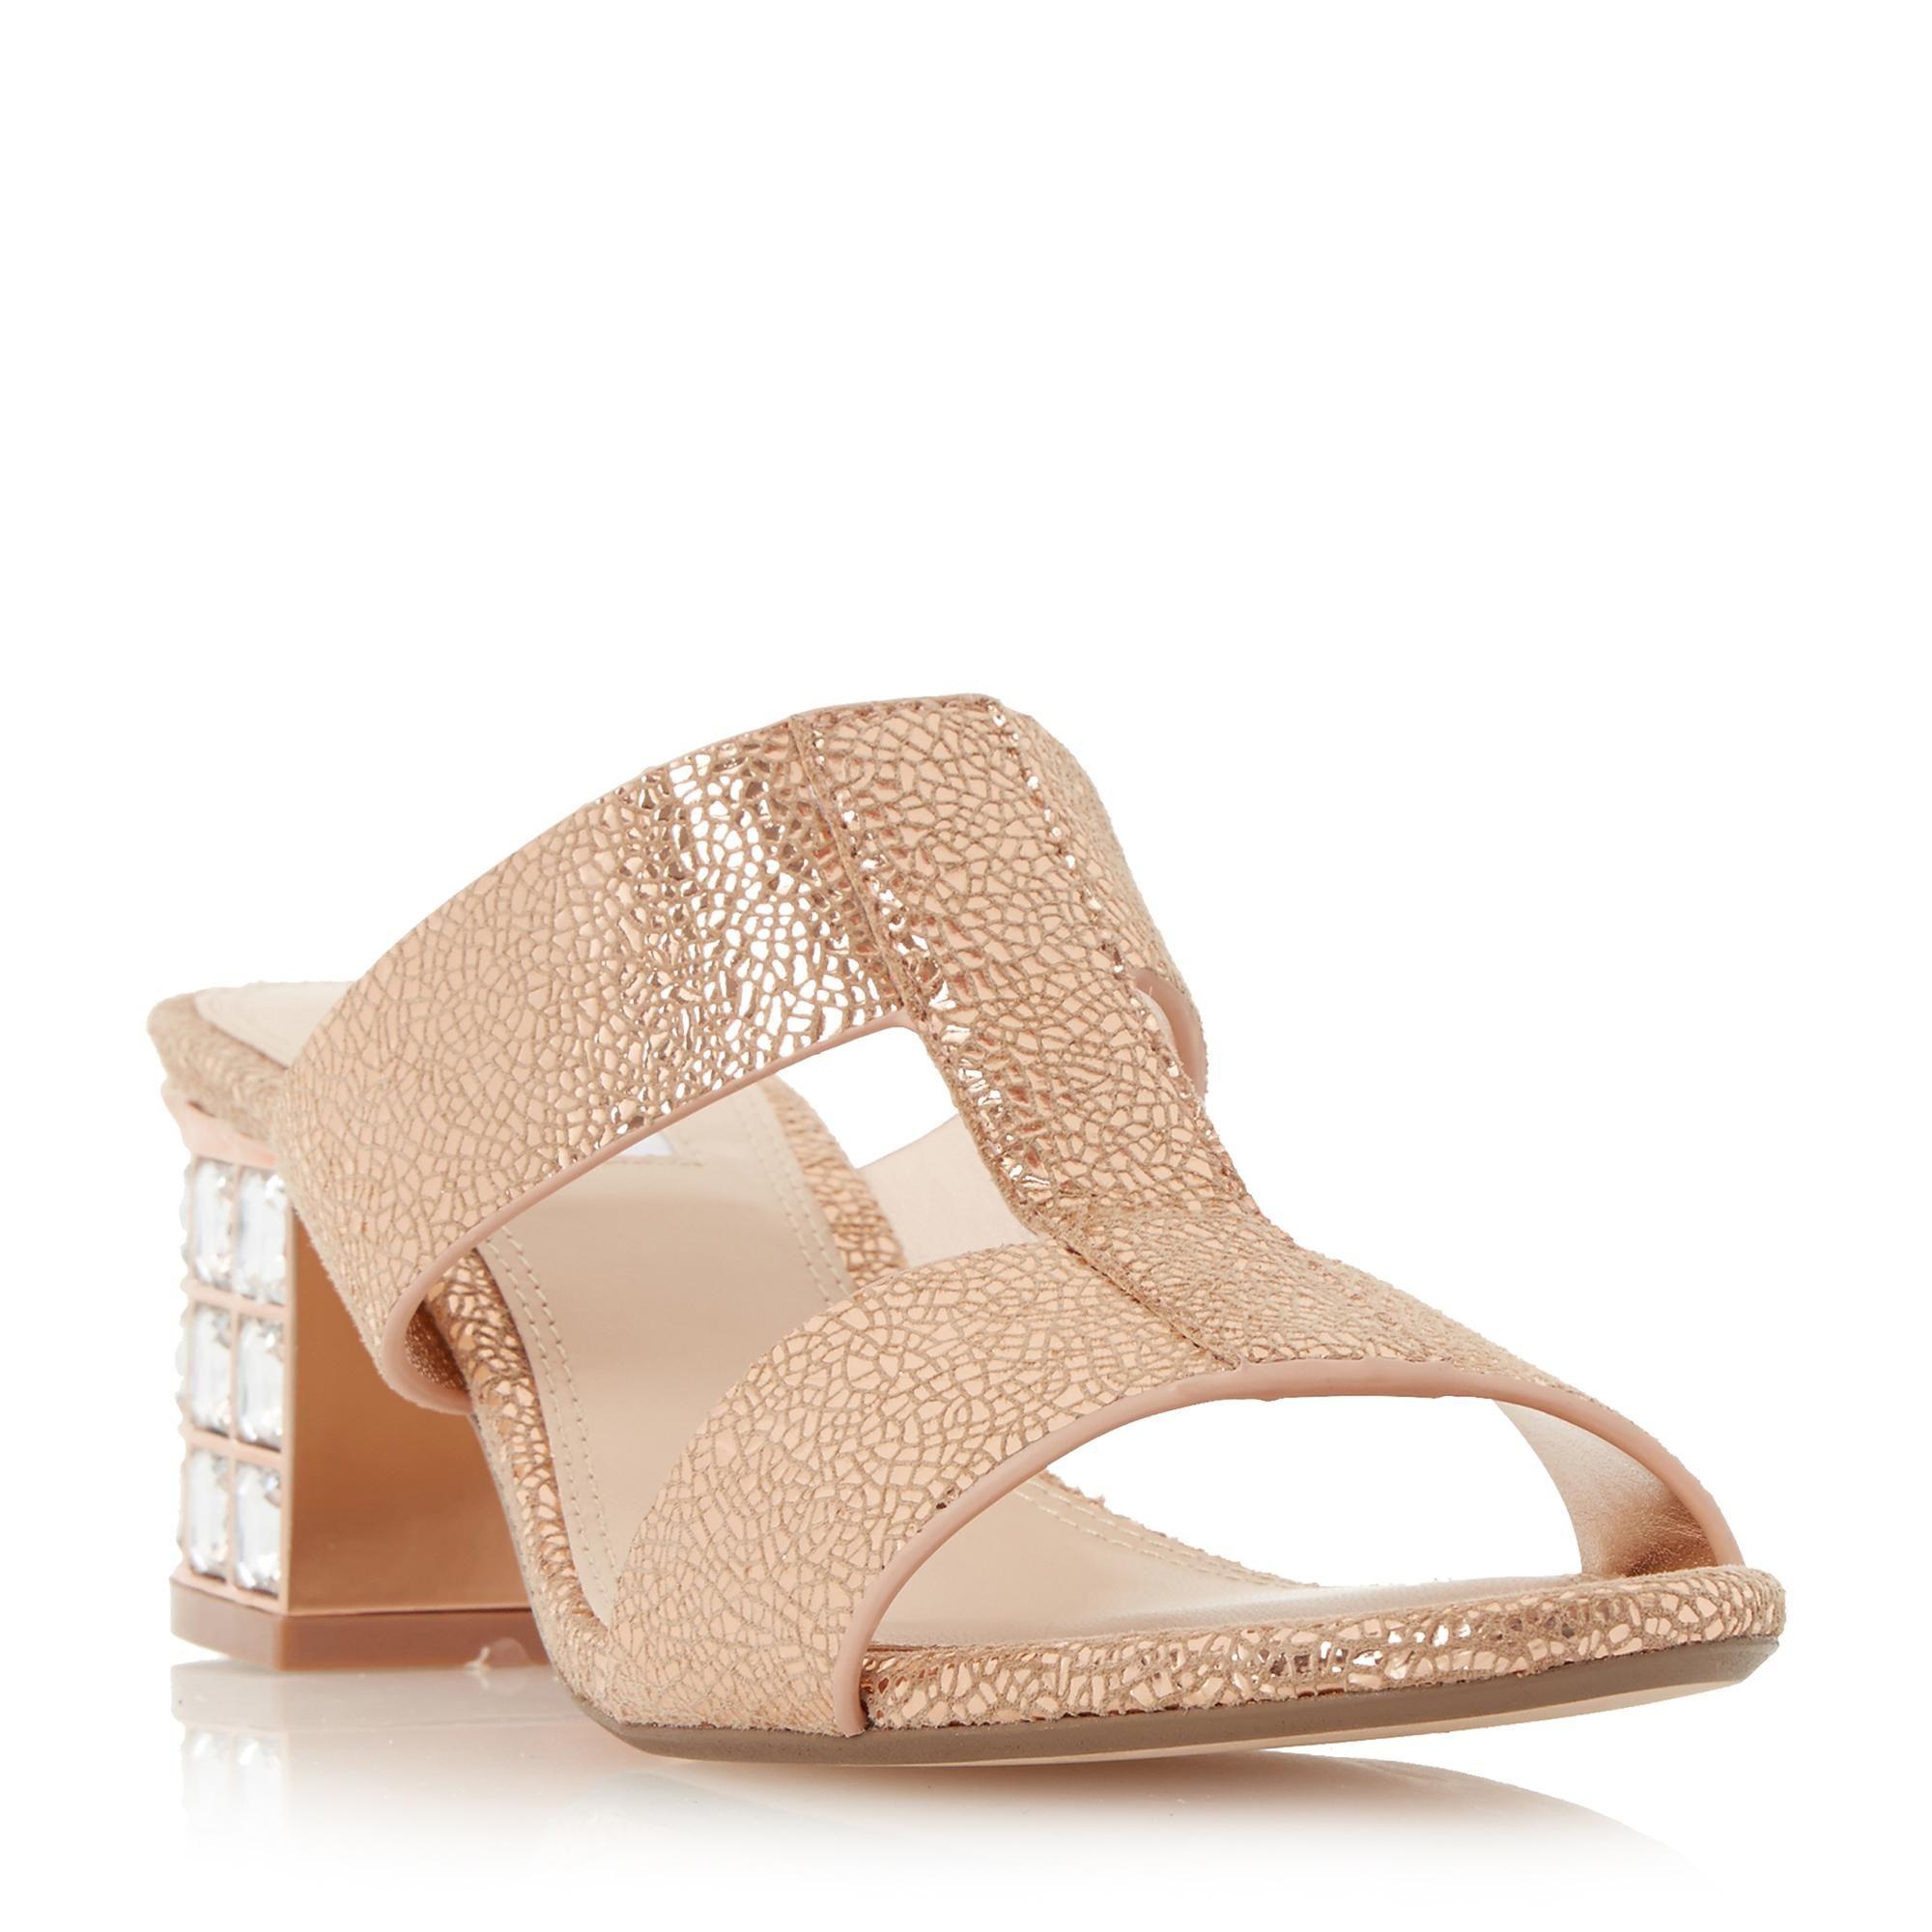 07ba13804d0 DUNE LADIES MULVENA - H-bar Jewelled Block Heel Mule Sandal - rose gold